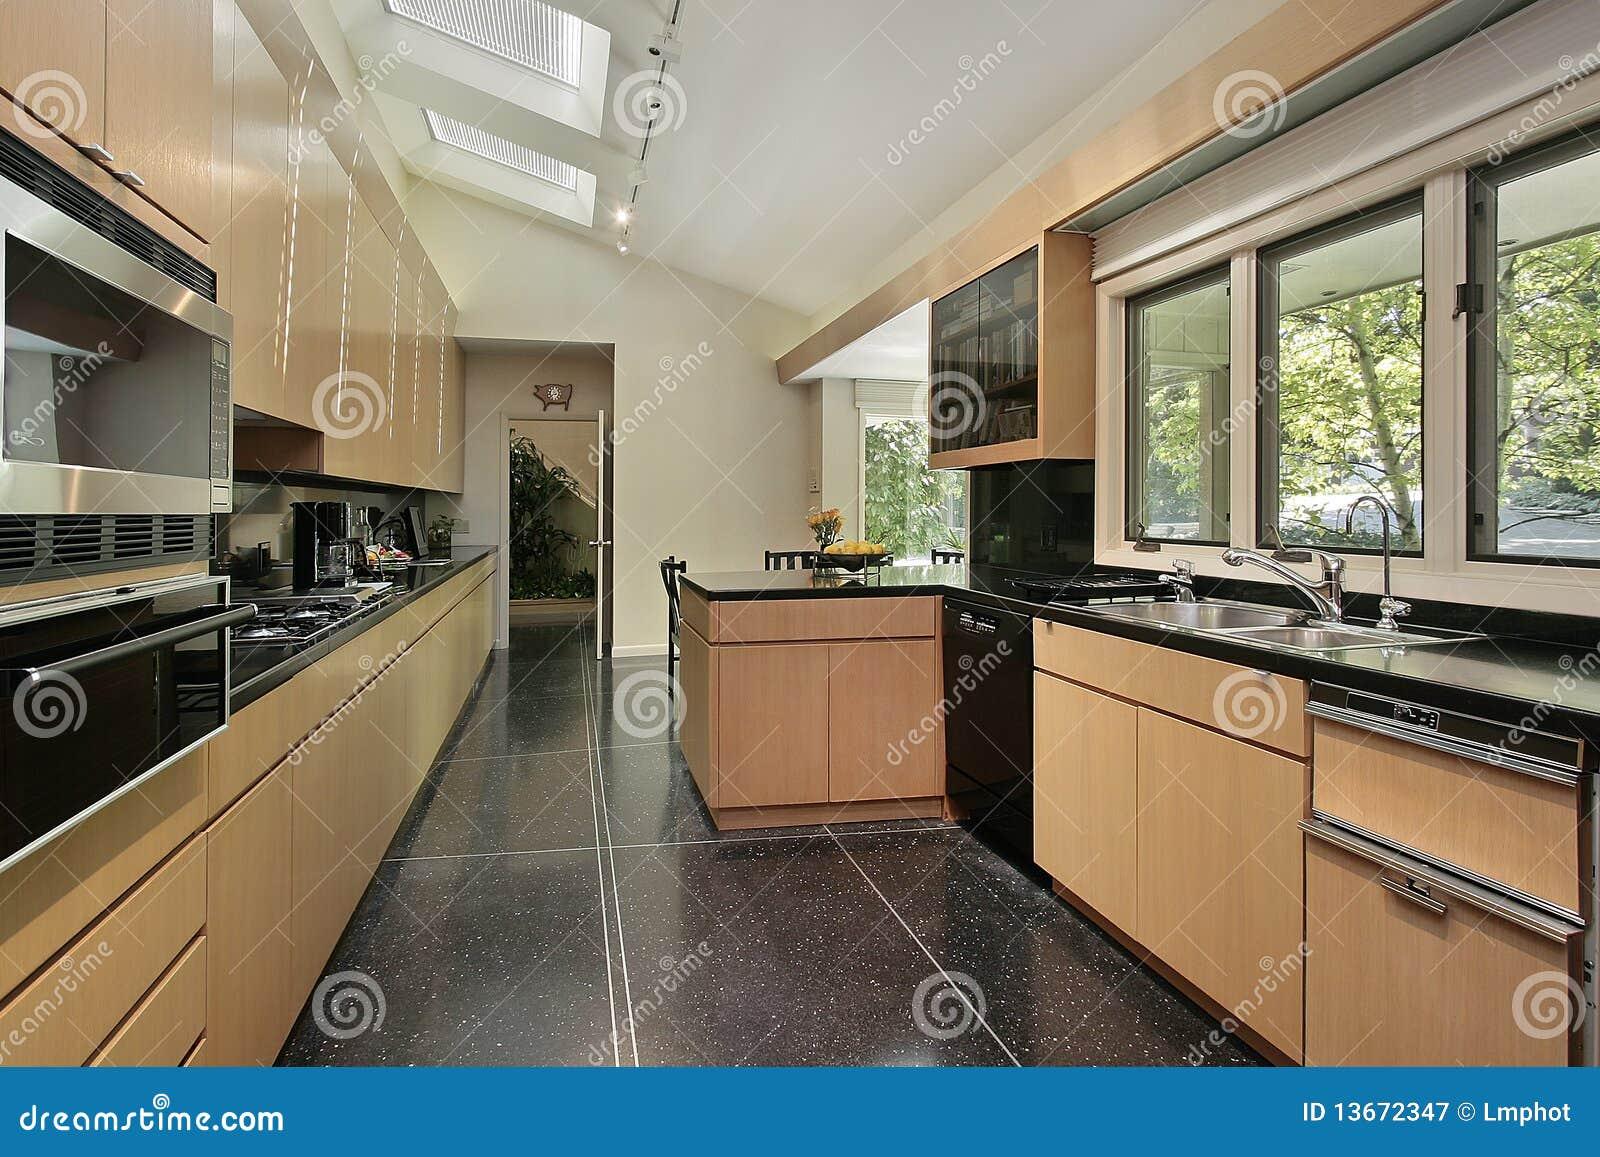 Atractivo Manchando Muebles De Cocina Friso - Ideas de Decoración de ...